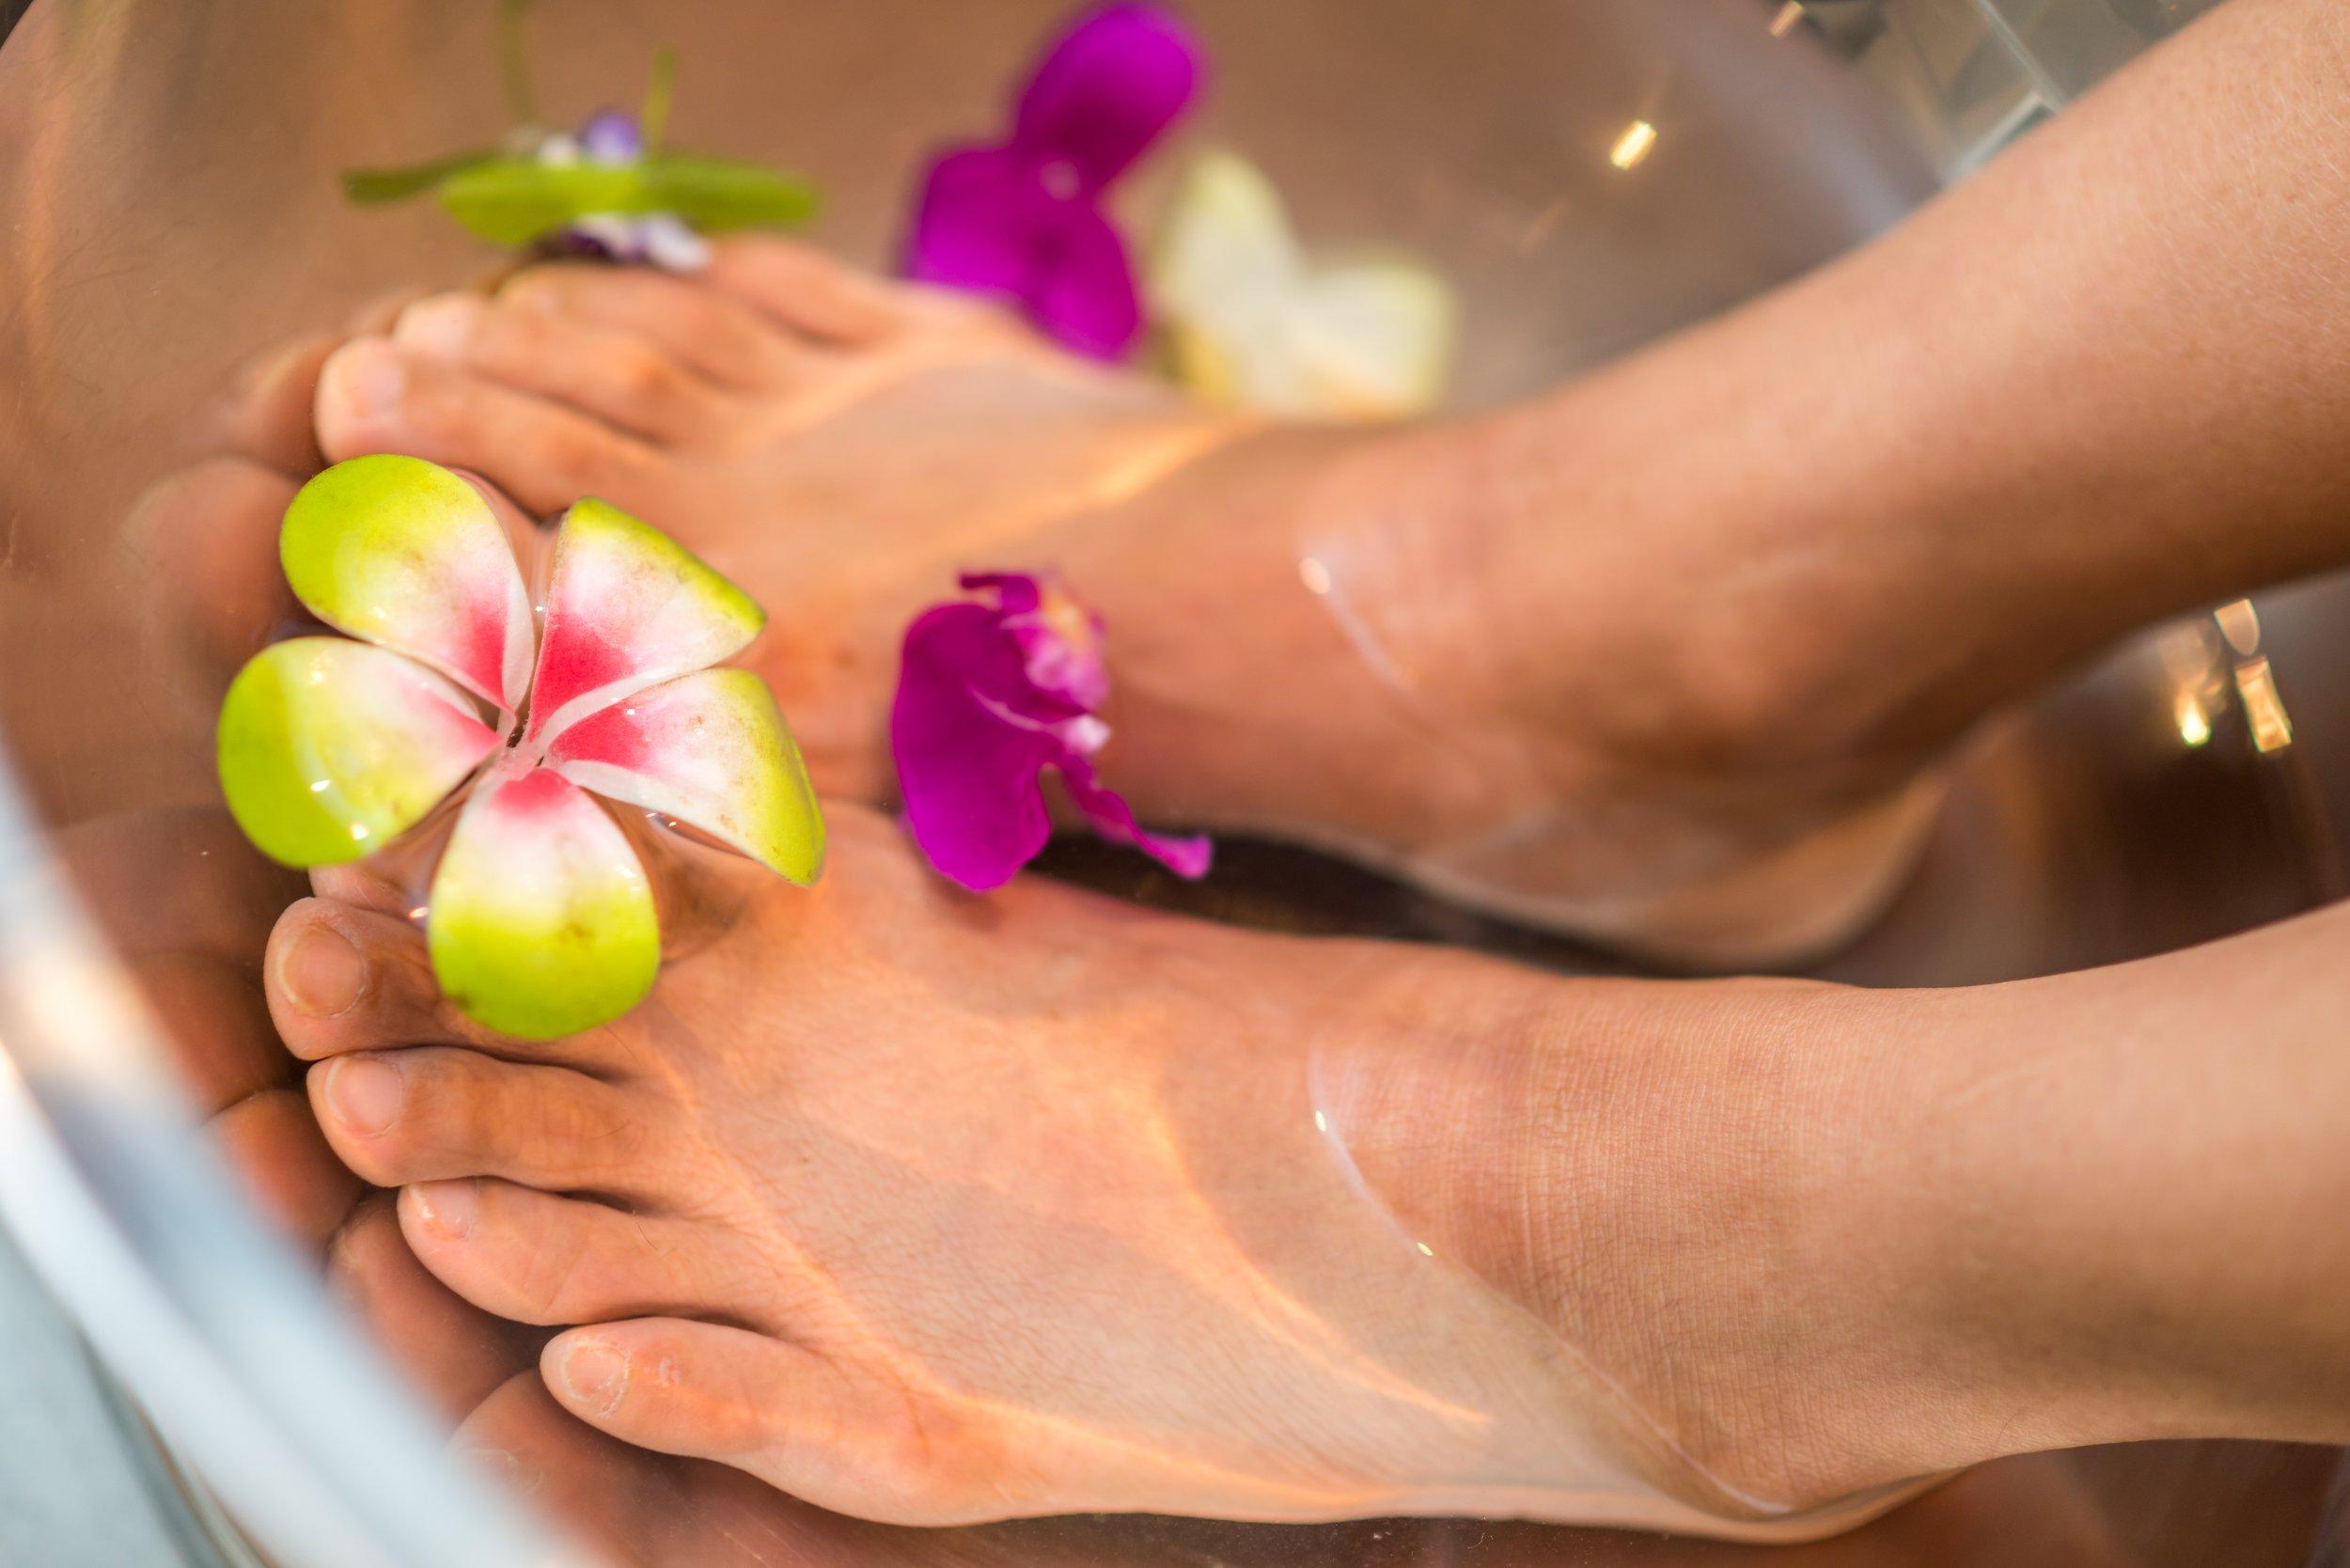 essential oil foot soak for dry cracked heels